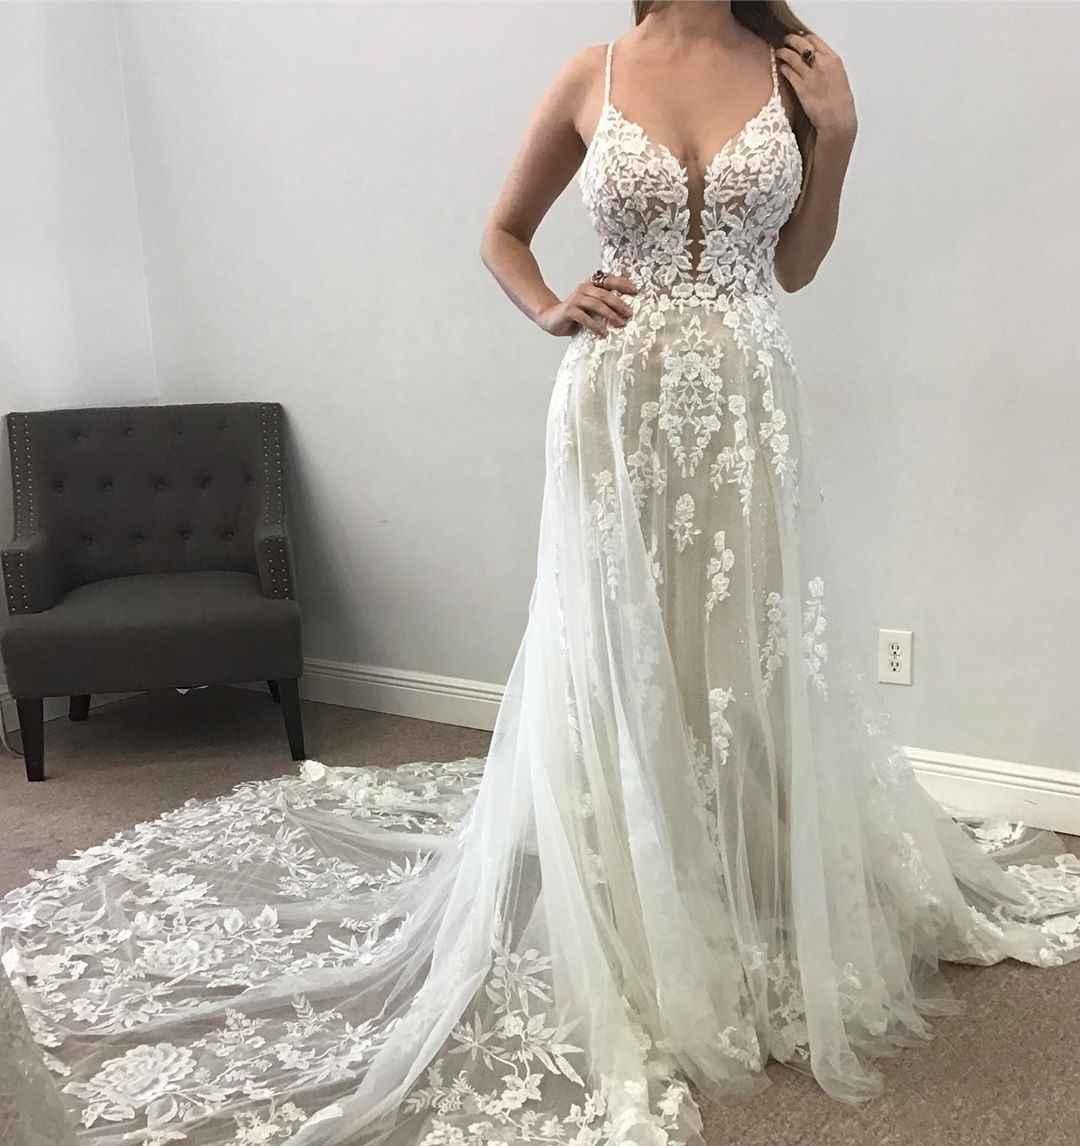 2020 חדש שמלות ספגטי רצועות תחרת אפליקציות שמלות כלה נדל תמונות אונליין כלה שמלה